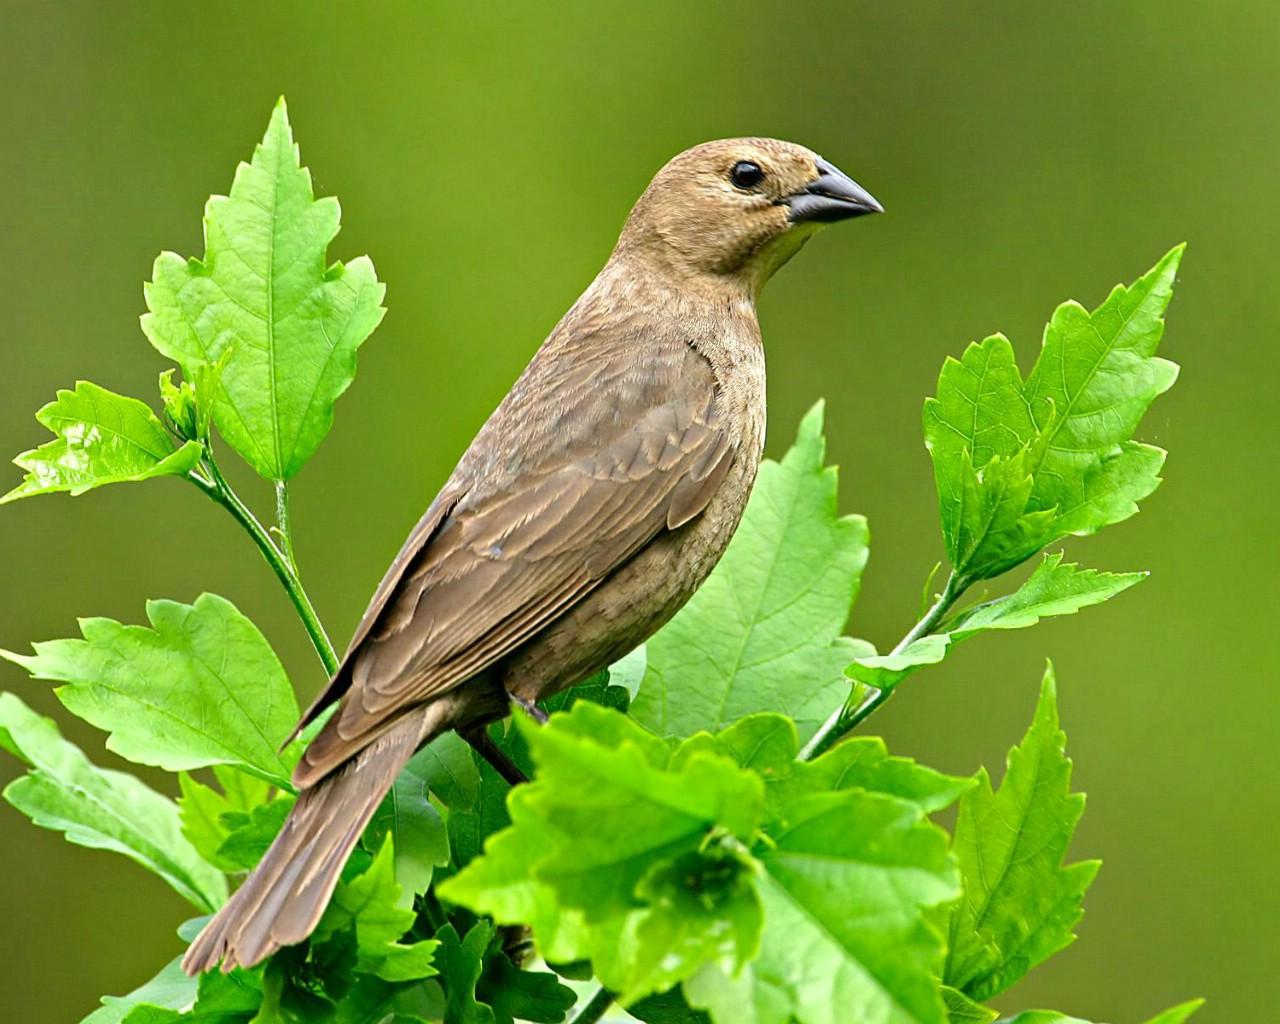 鸟的图片 鸟的图片和名字